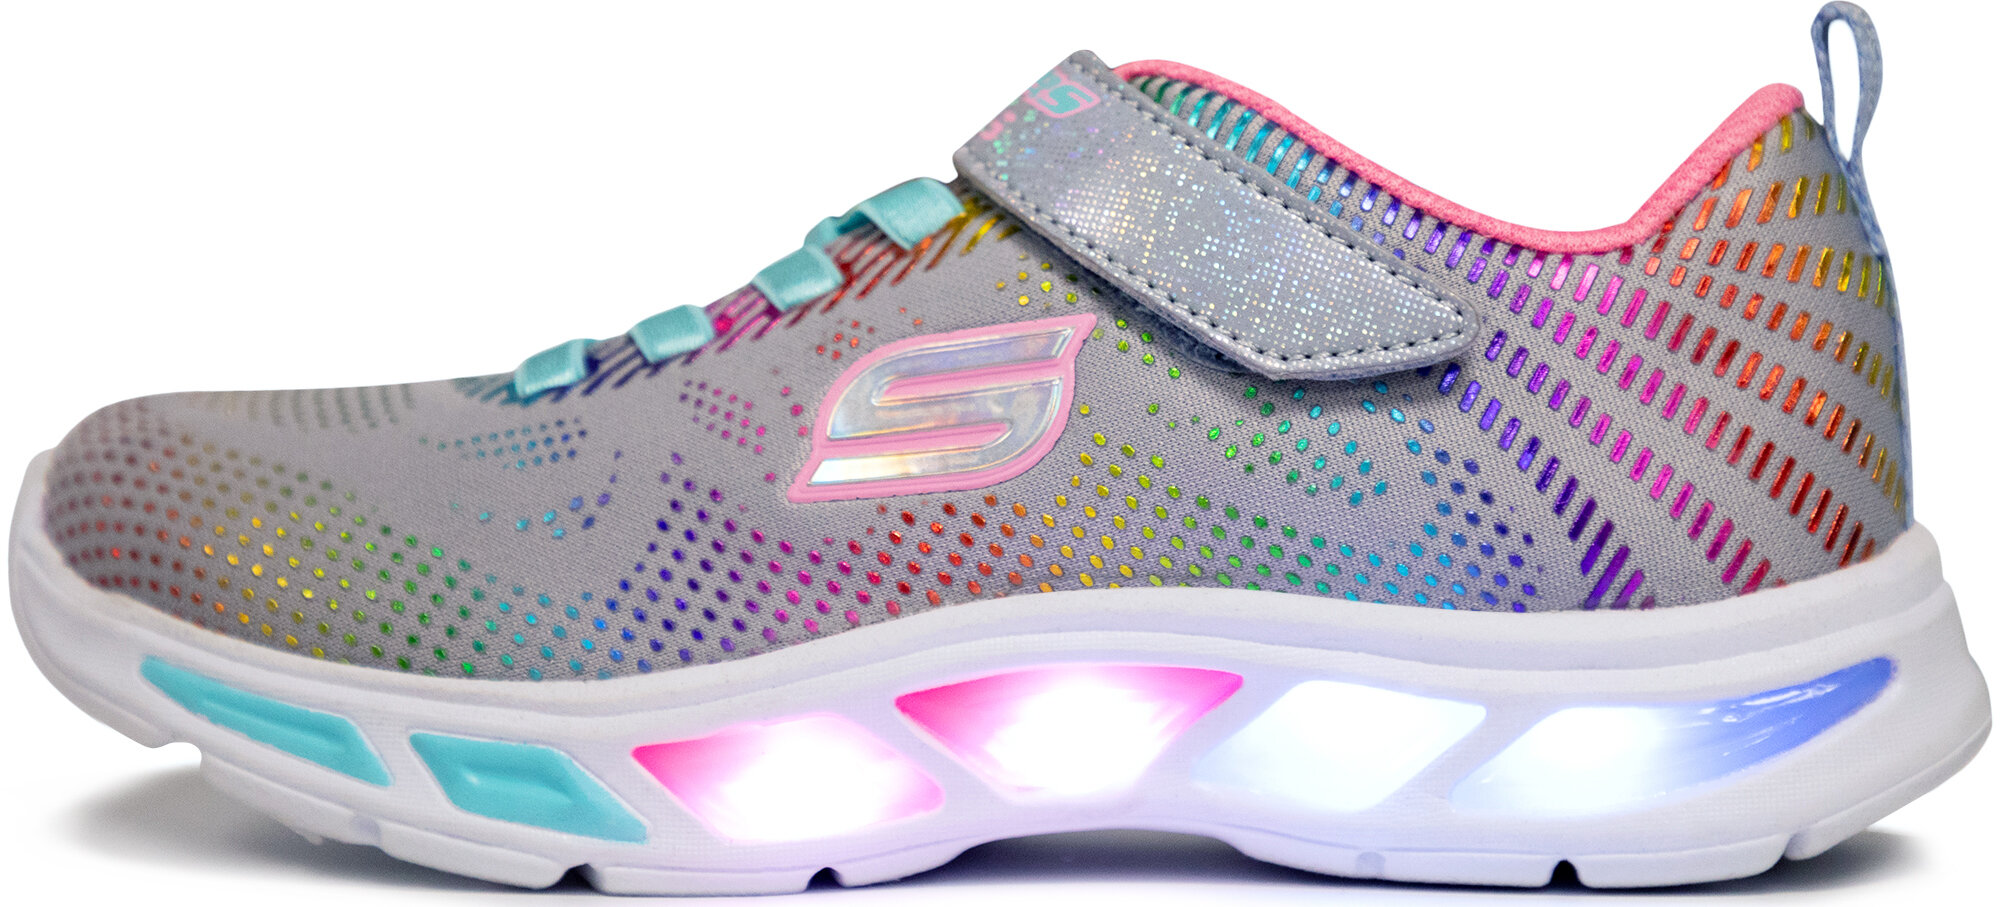 Кроссовки с мигающими лампочками для девочек - купить в Москве по ... ef5a5884402